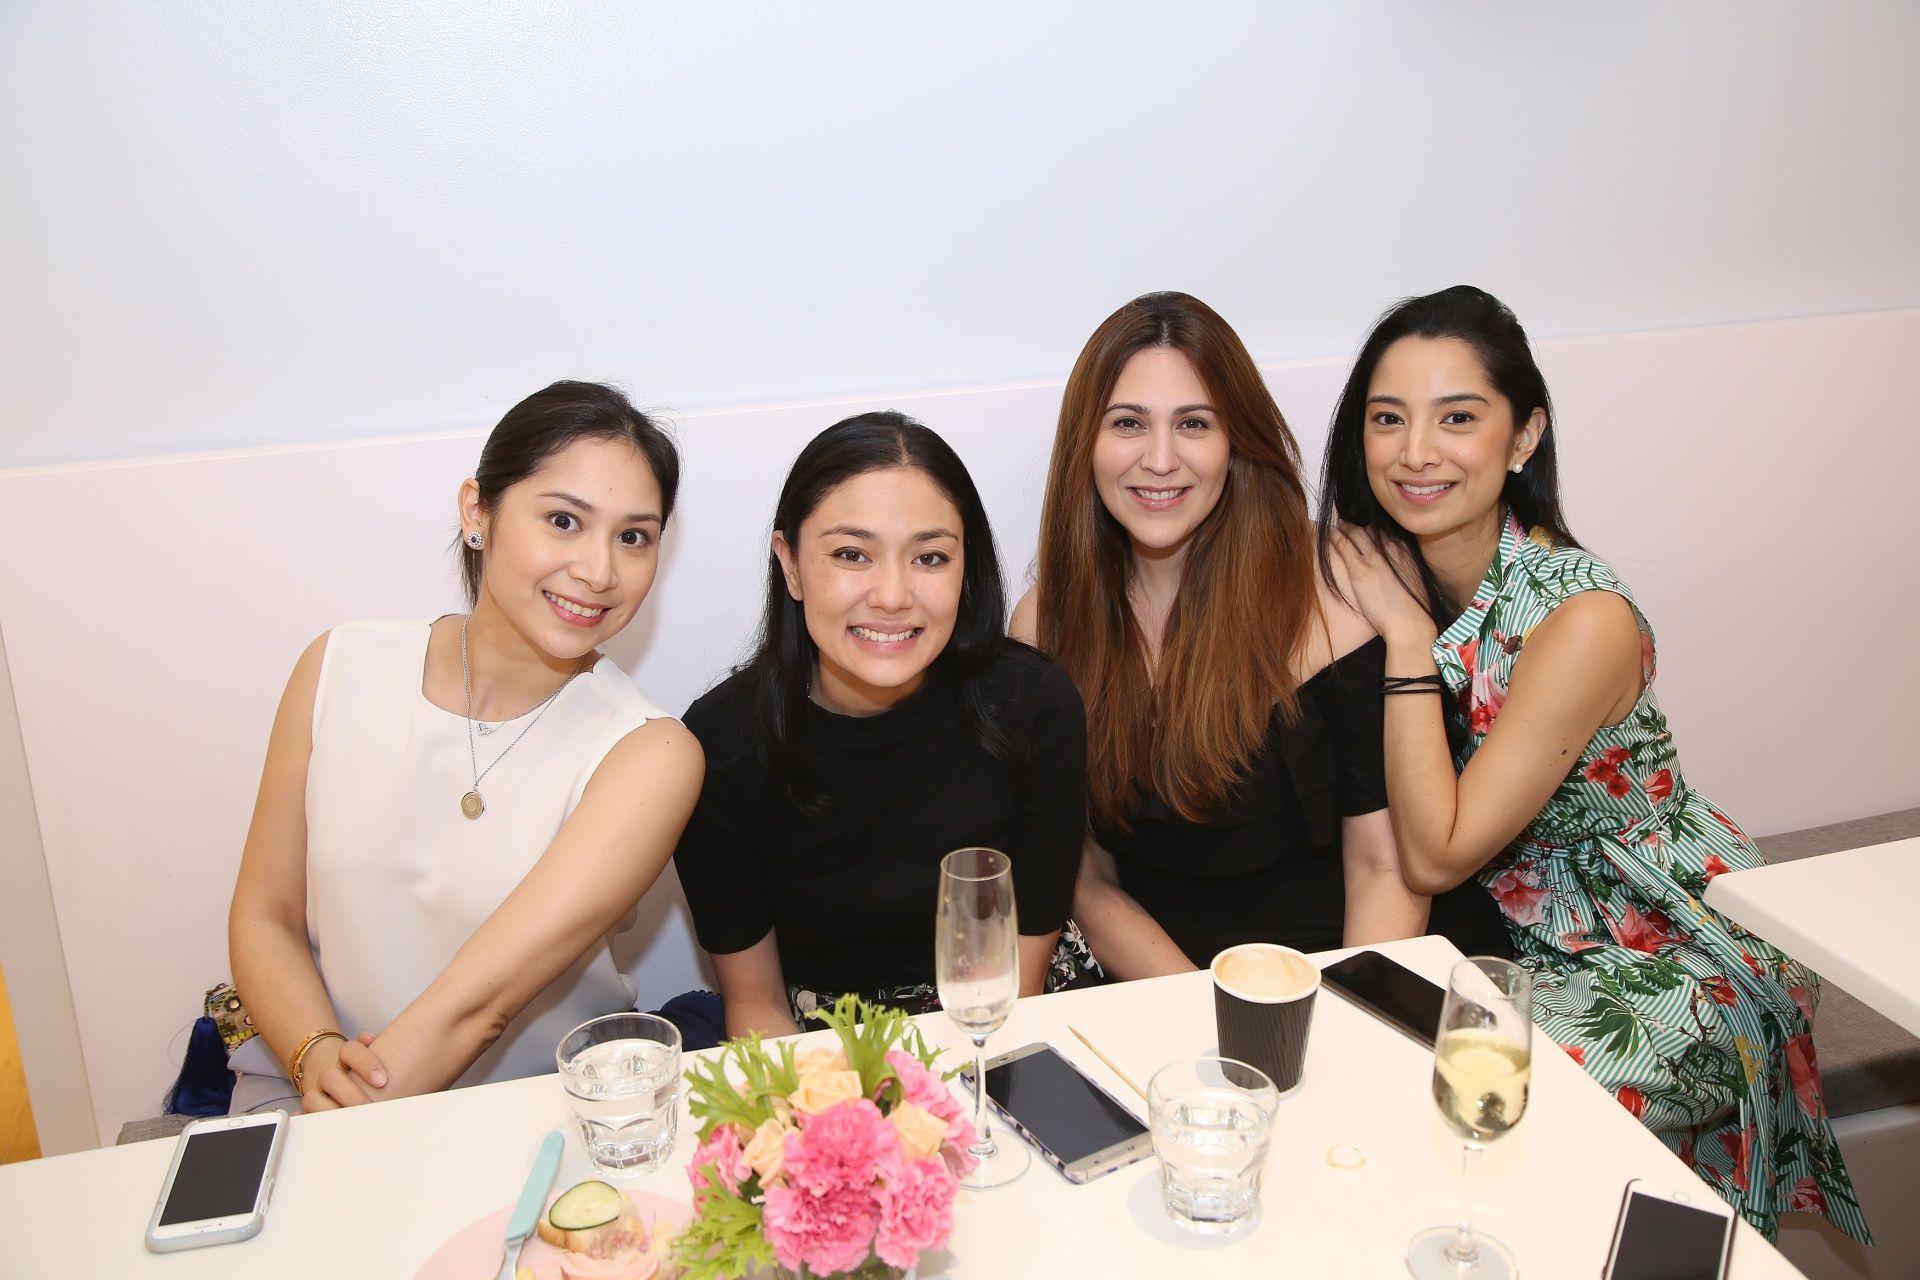 Cristina Villanueva Martel, Dina Tantoco, Amaya Barretto, Marga Villanueva Albert